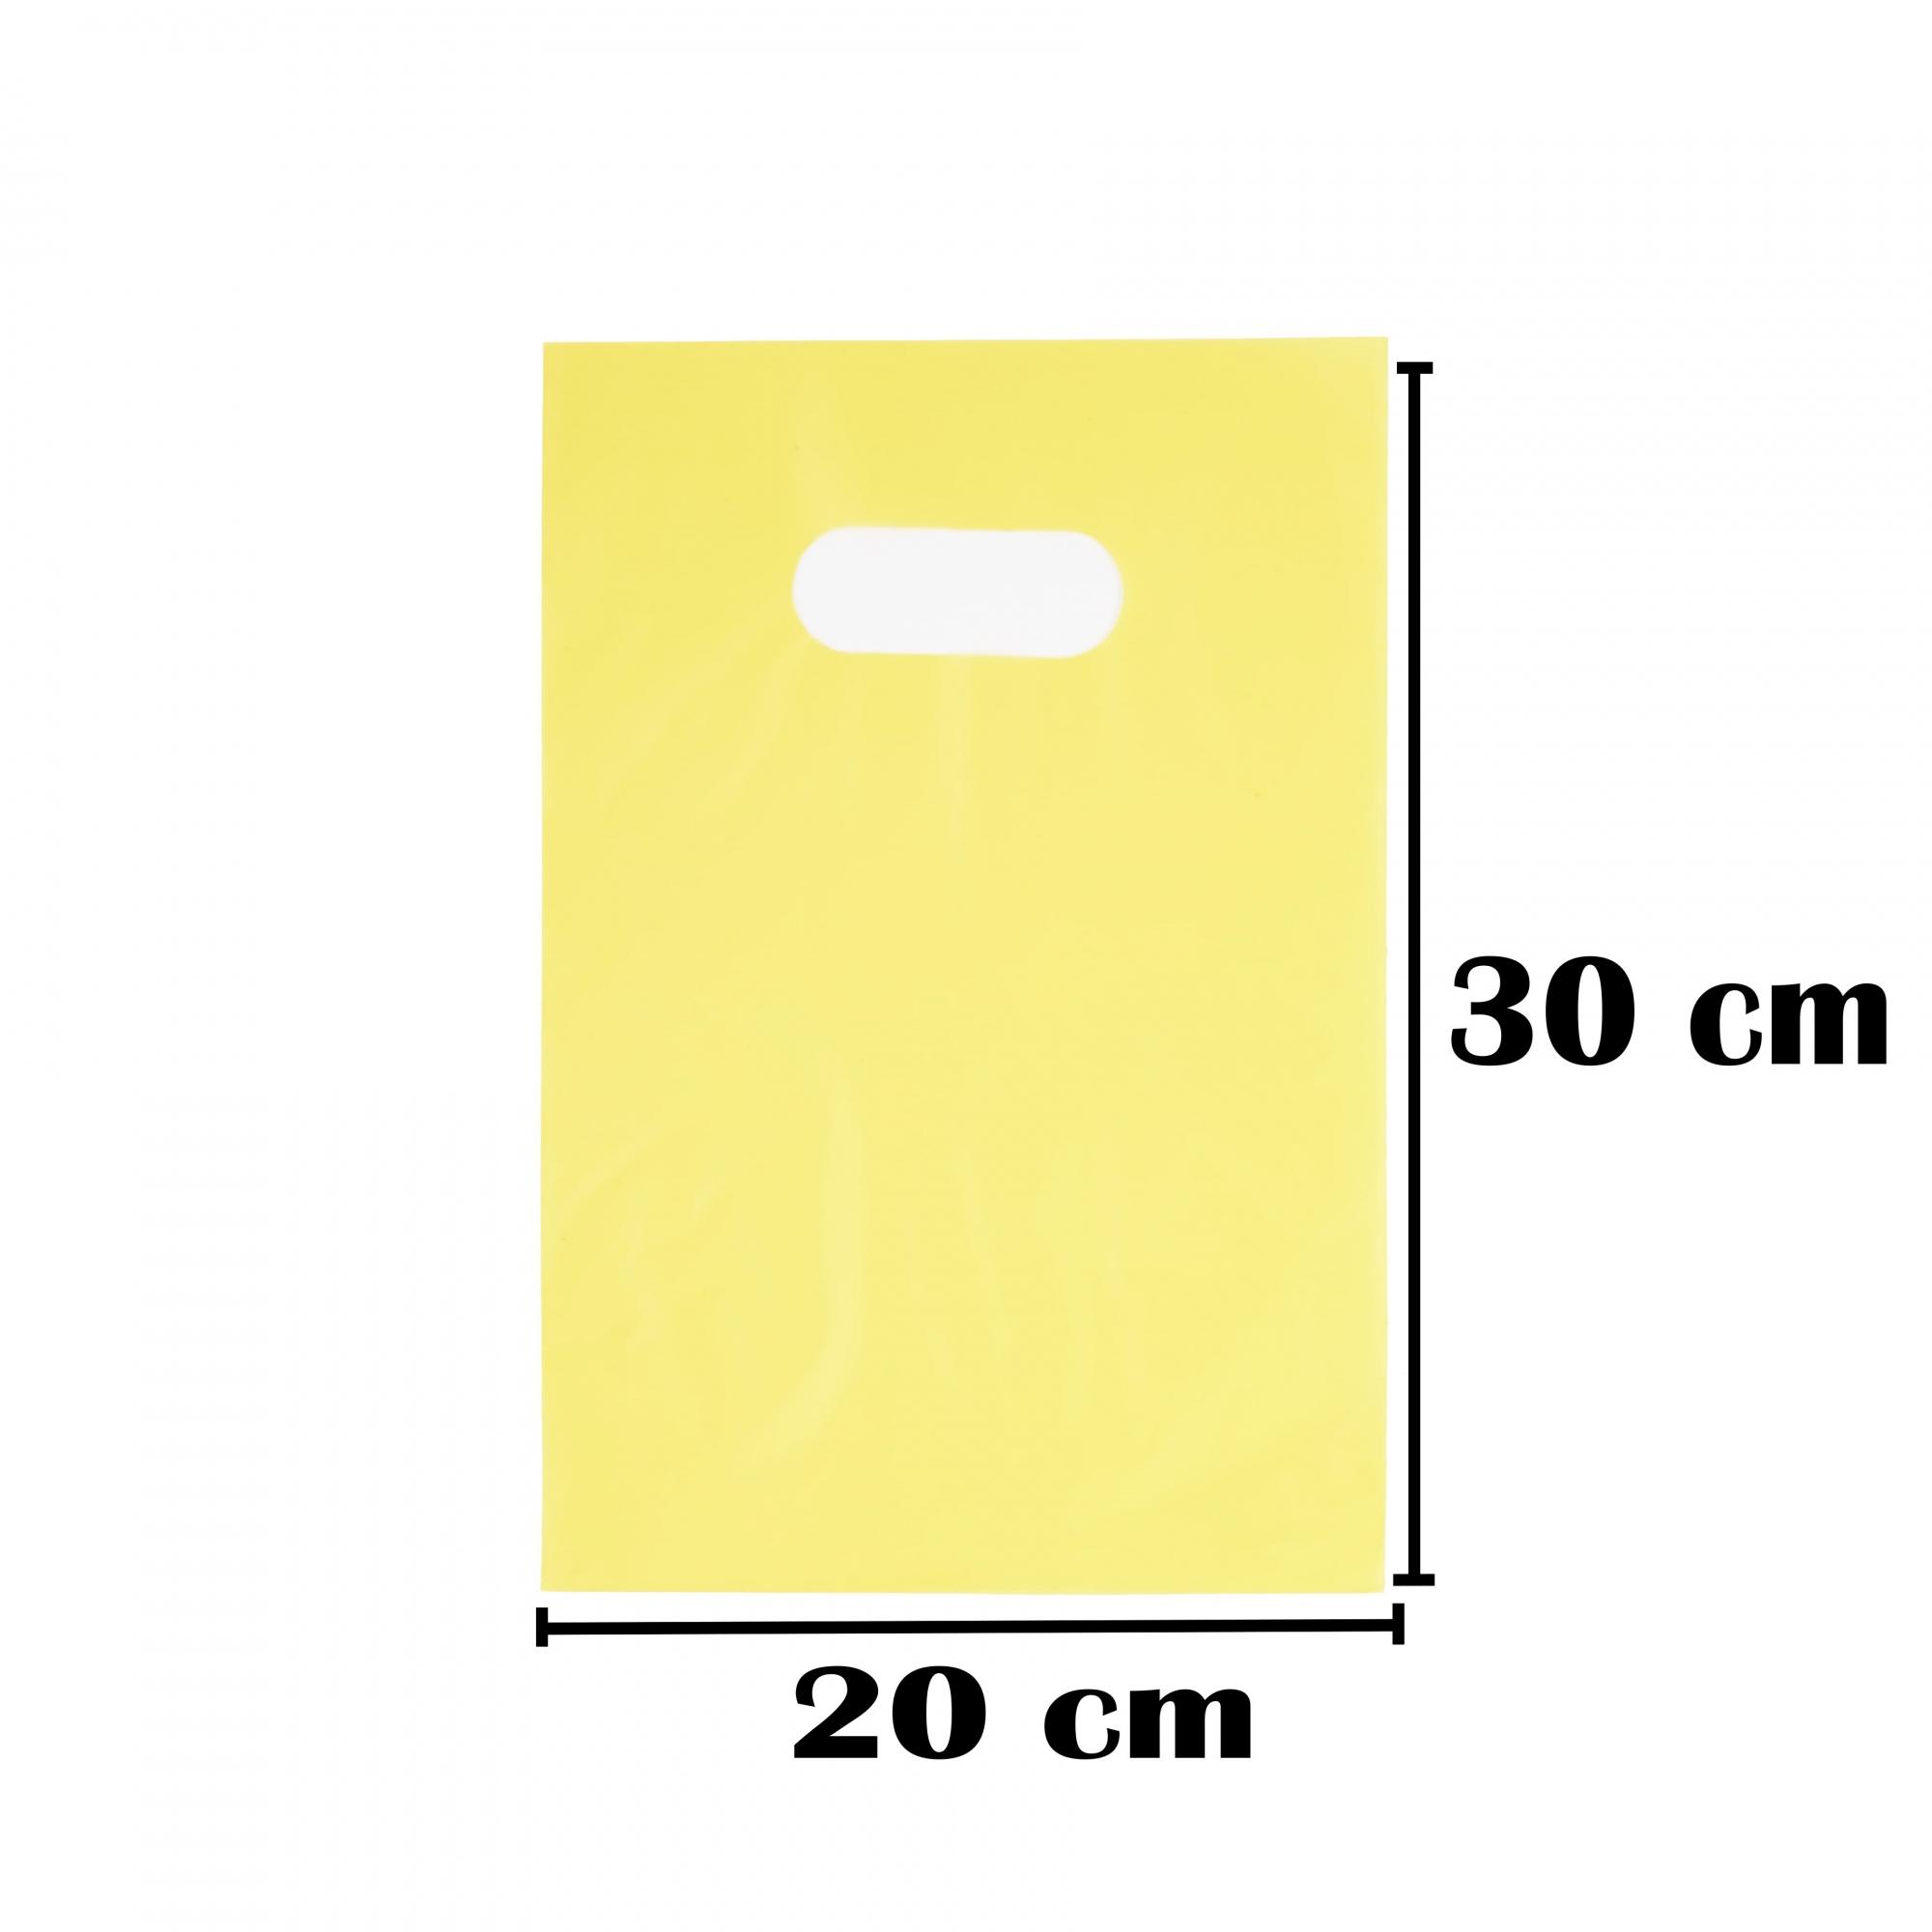 Sacola Plástica 20x30 Amarela Alça Boca de Palhaço 500 Unidades